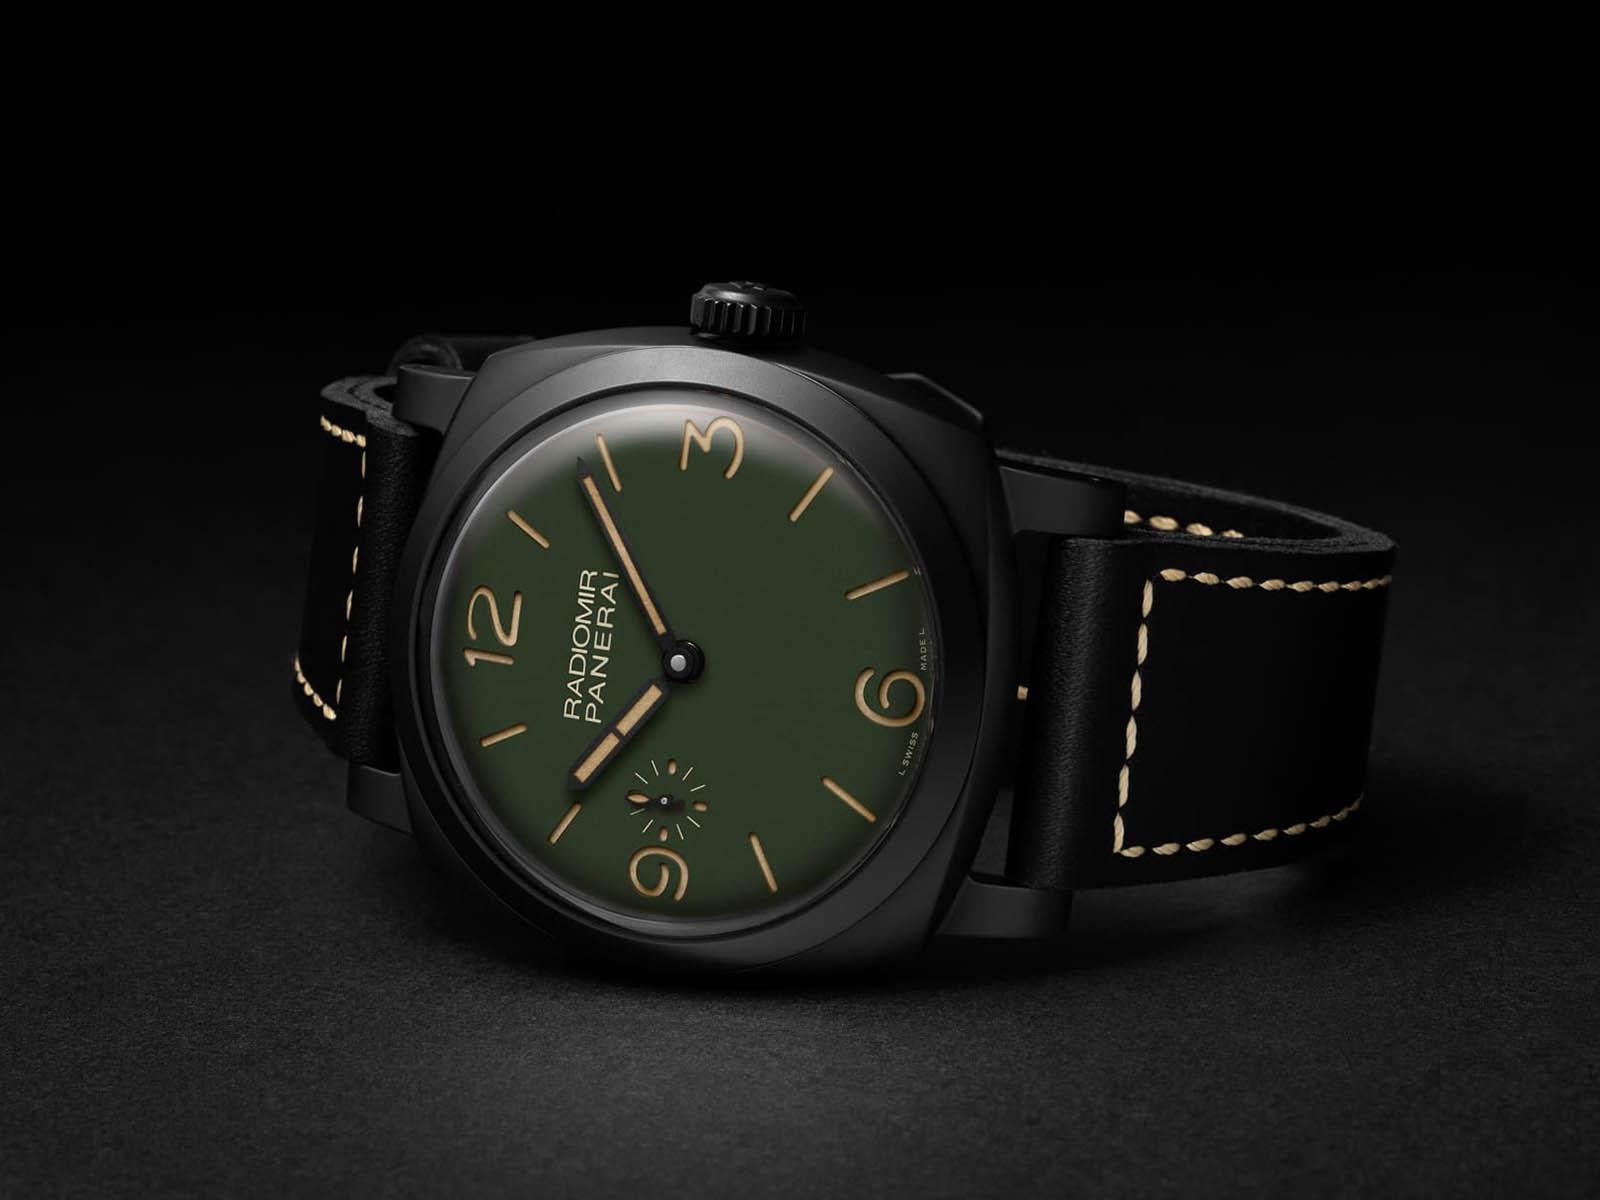 pam00997-panerai-radiomir-1940-edizione-verde-militare-3.jpg